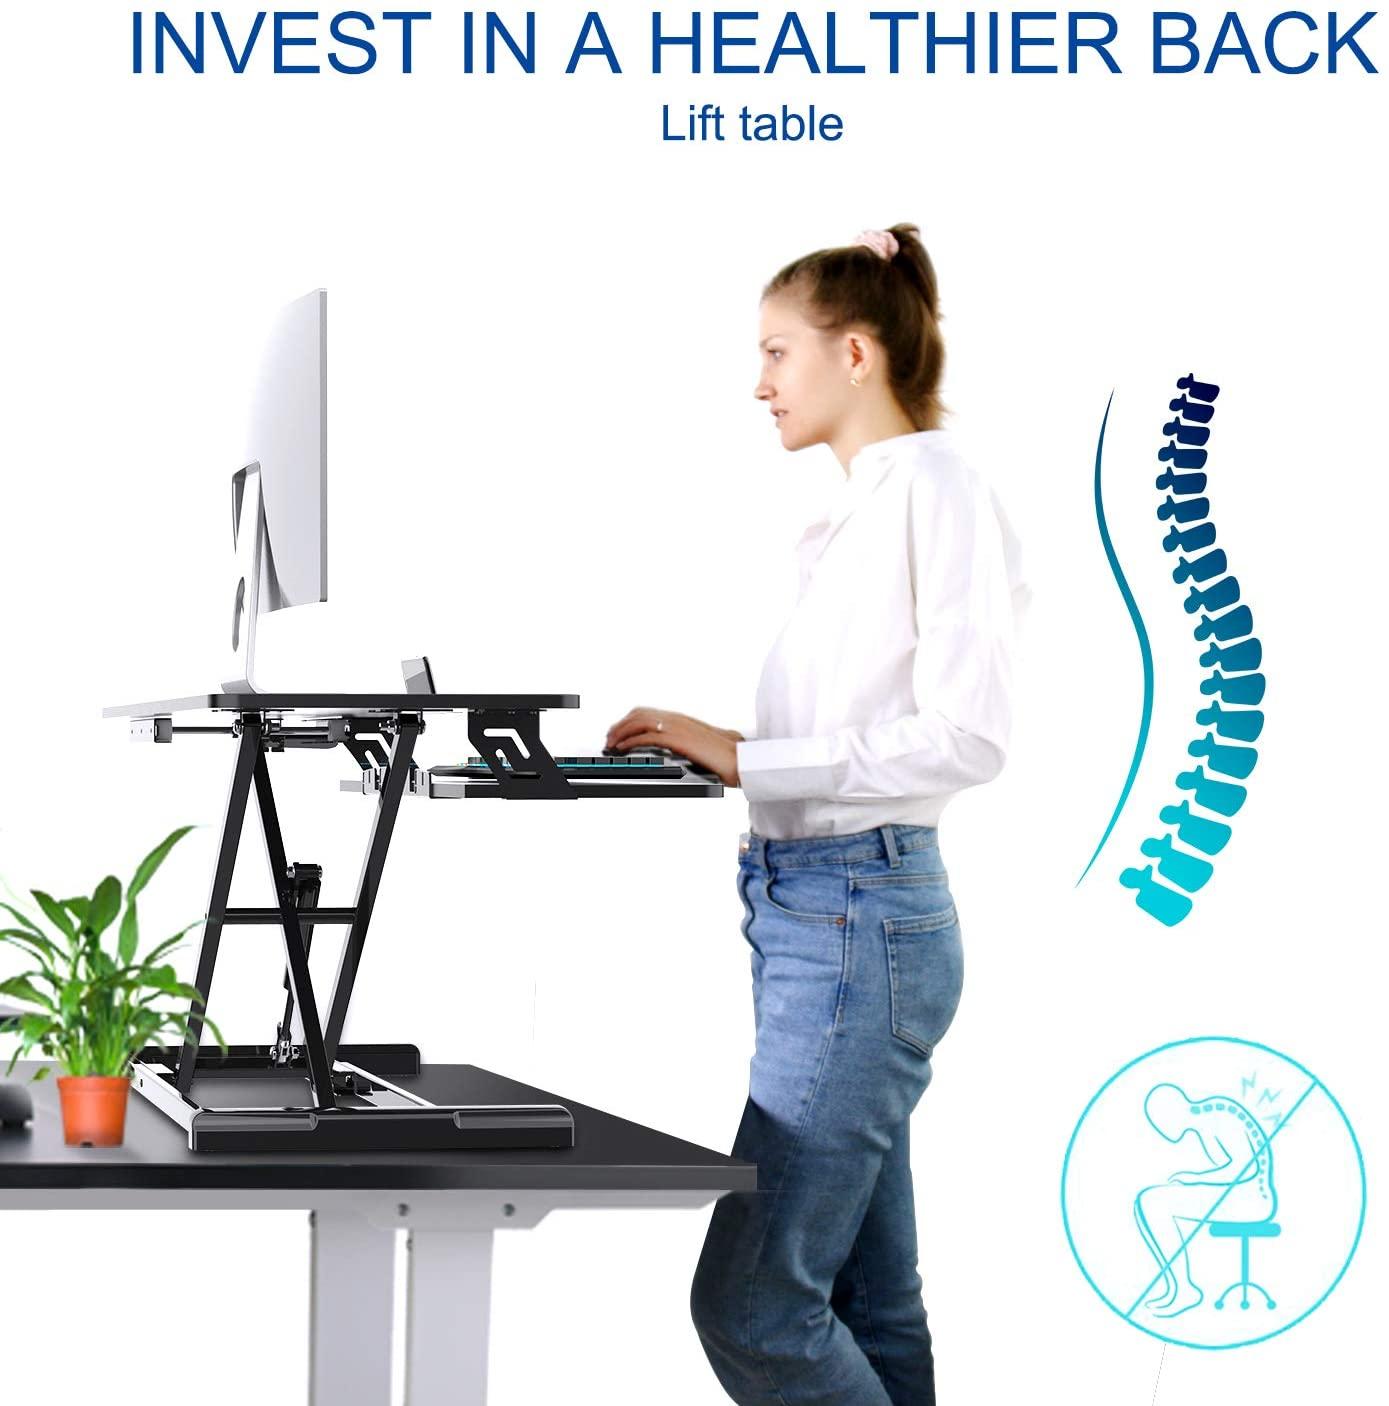 [US Direct] Smugdesk Standing Desk, Sit Stand Up Desk Height Adjustable Table 36 inch Standing Desk Converter, Ergonomic Tabletop Workstation Desk Riser, Home